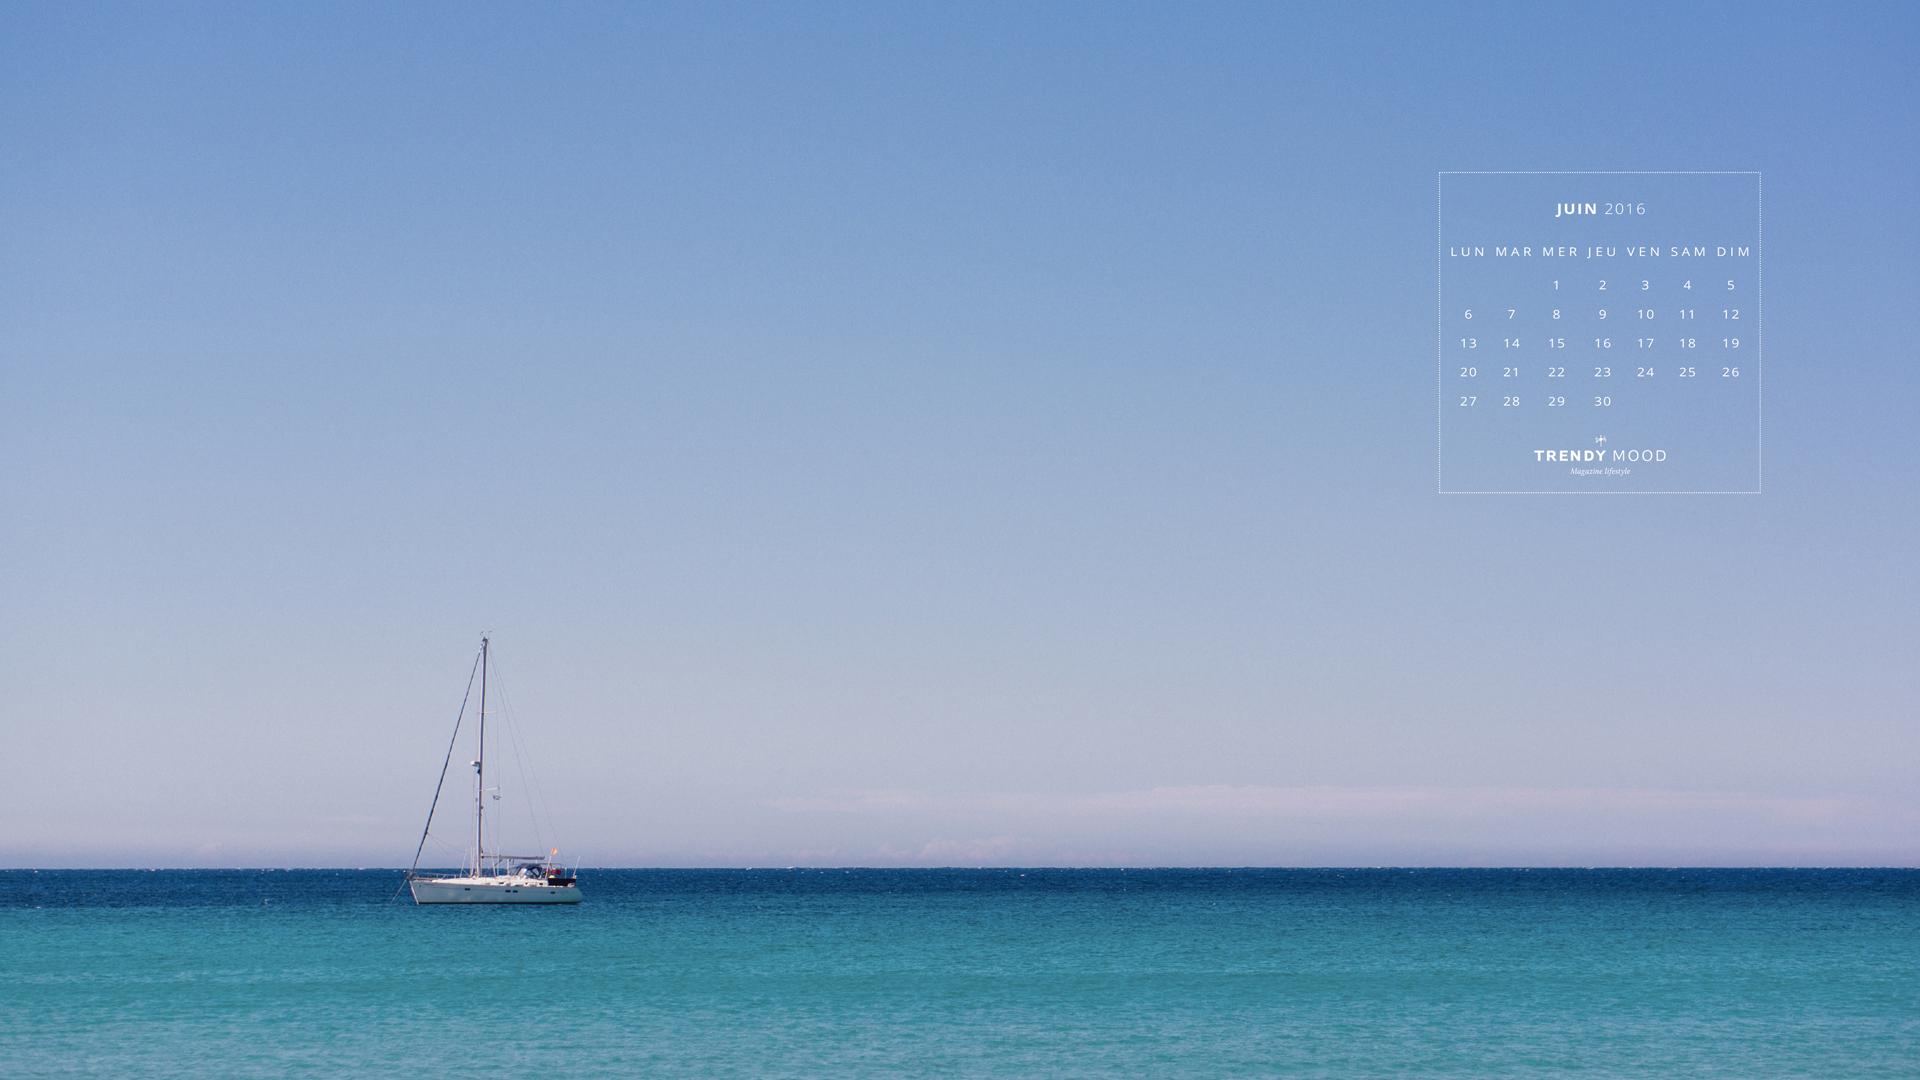 Fond d'écran gratuit - Corse